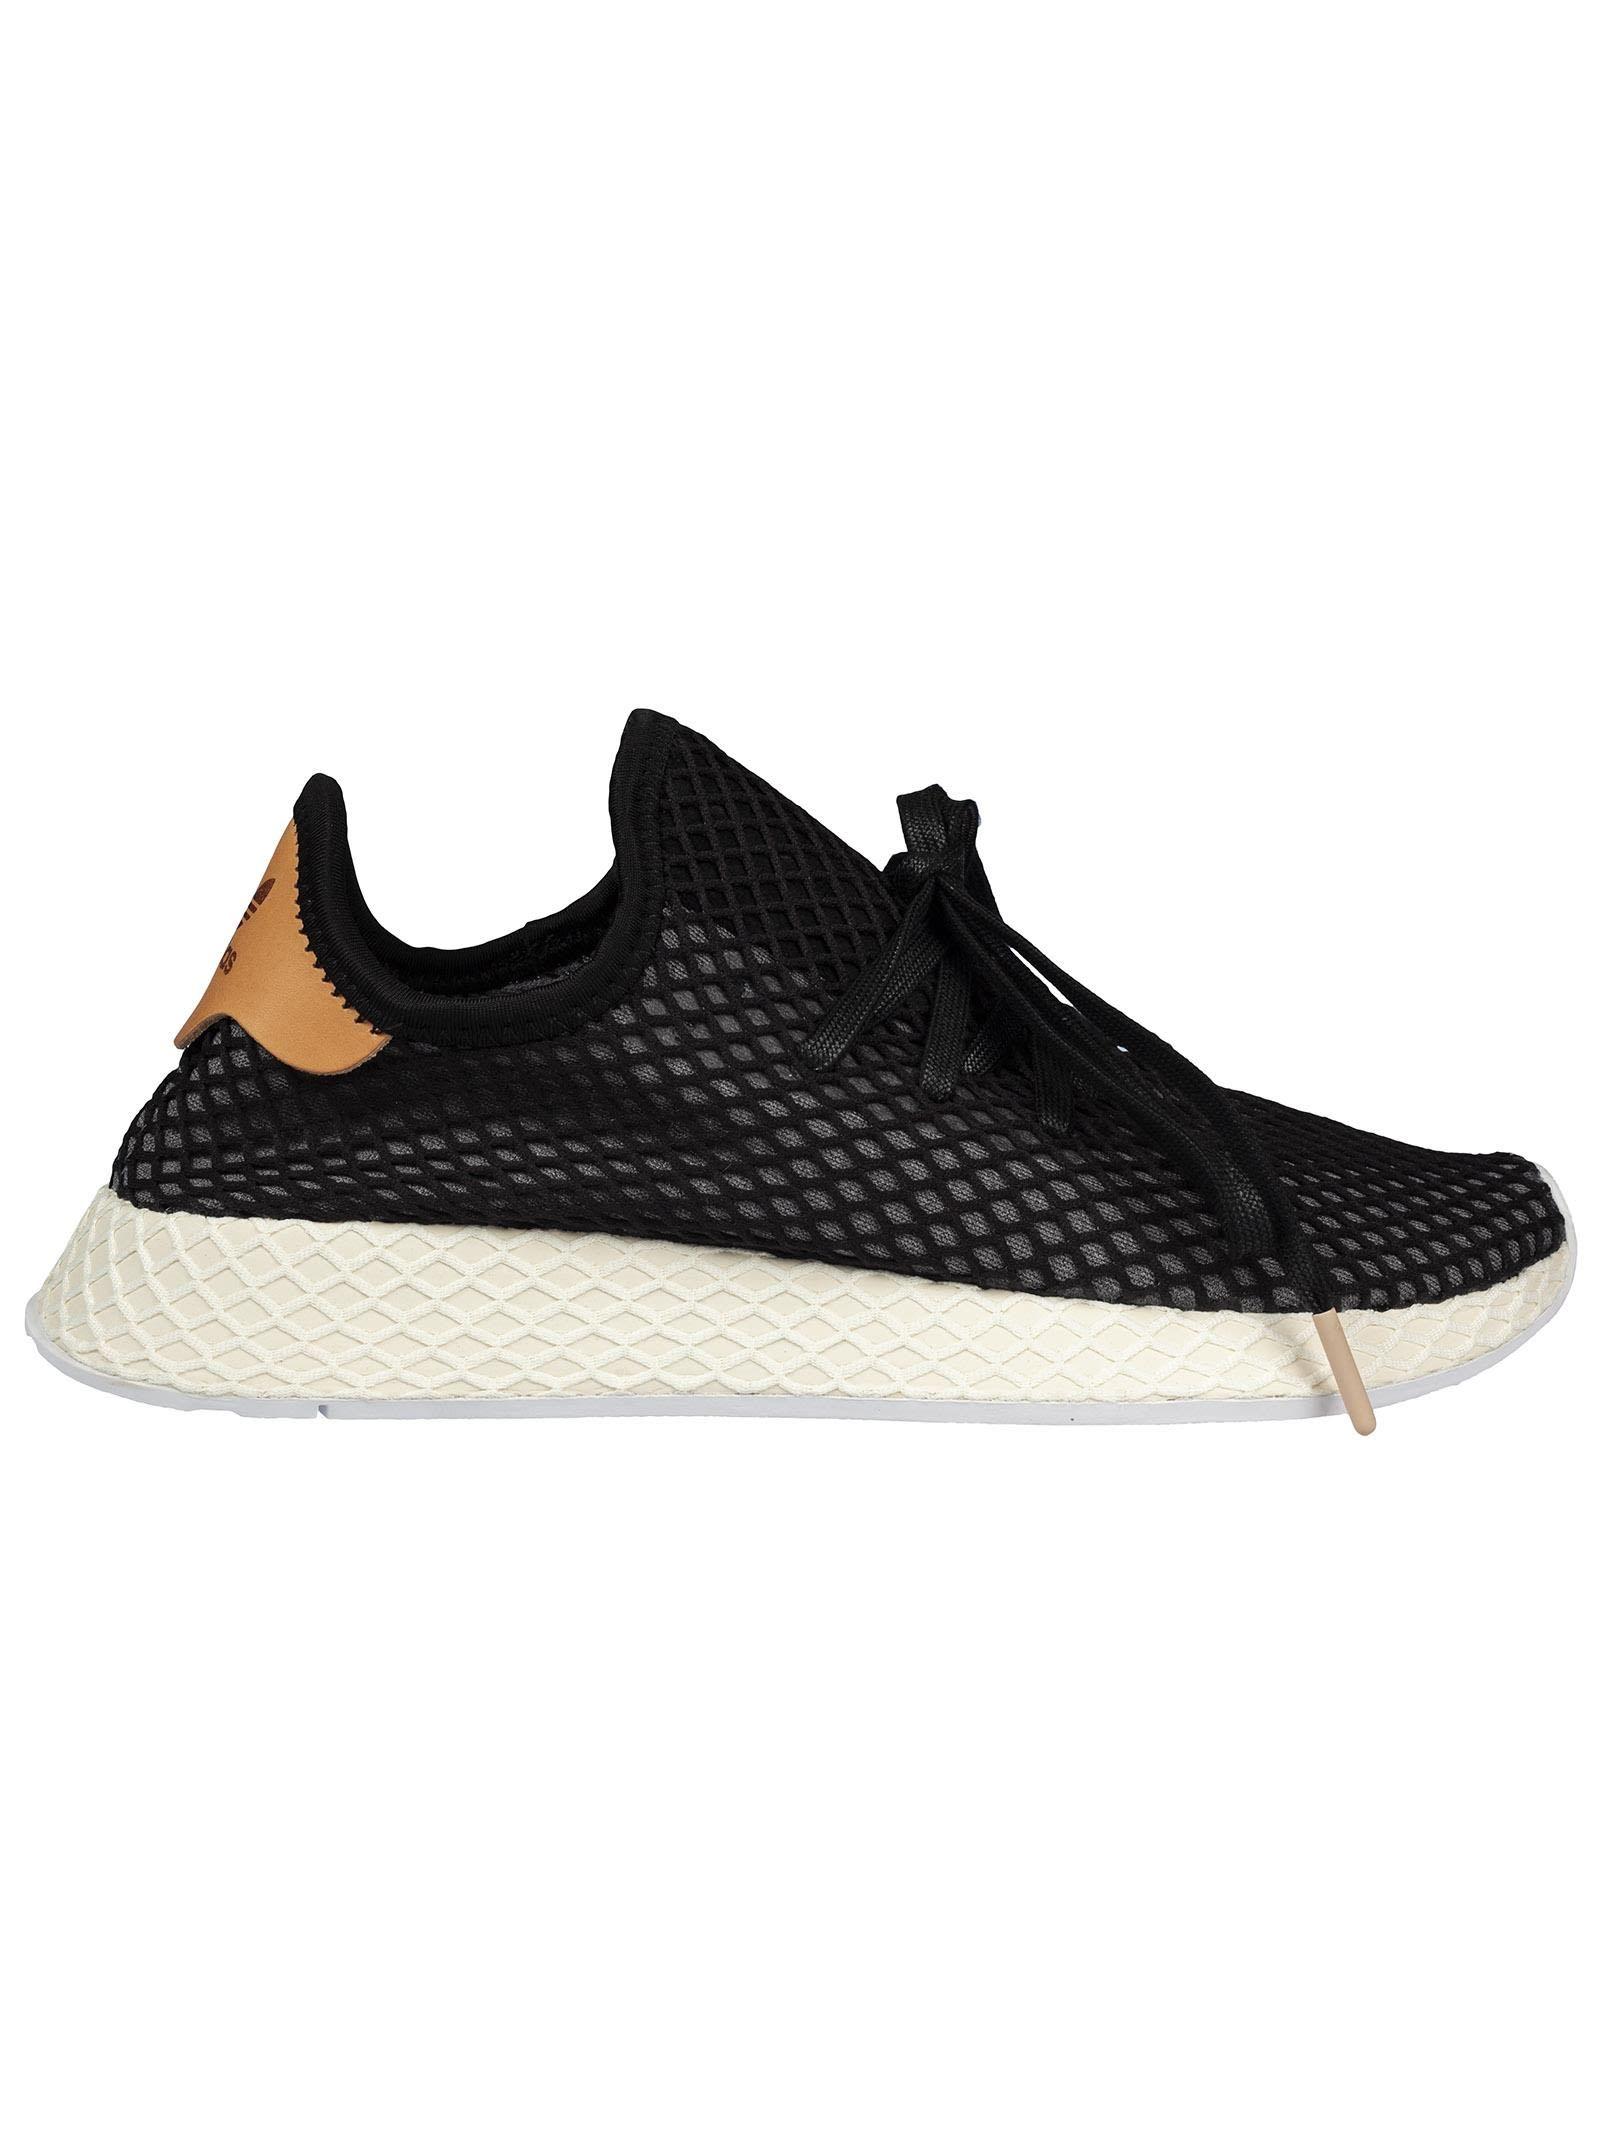 fd75586f82d2d ADIDAS ORIGINALS DEERUPT RUNNER SNEAKERS.  adidasoriginals  shoes ...